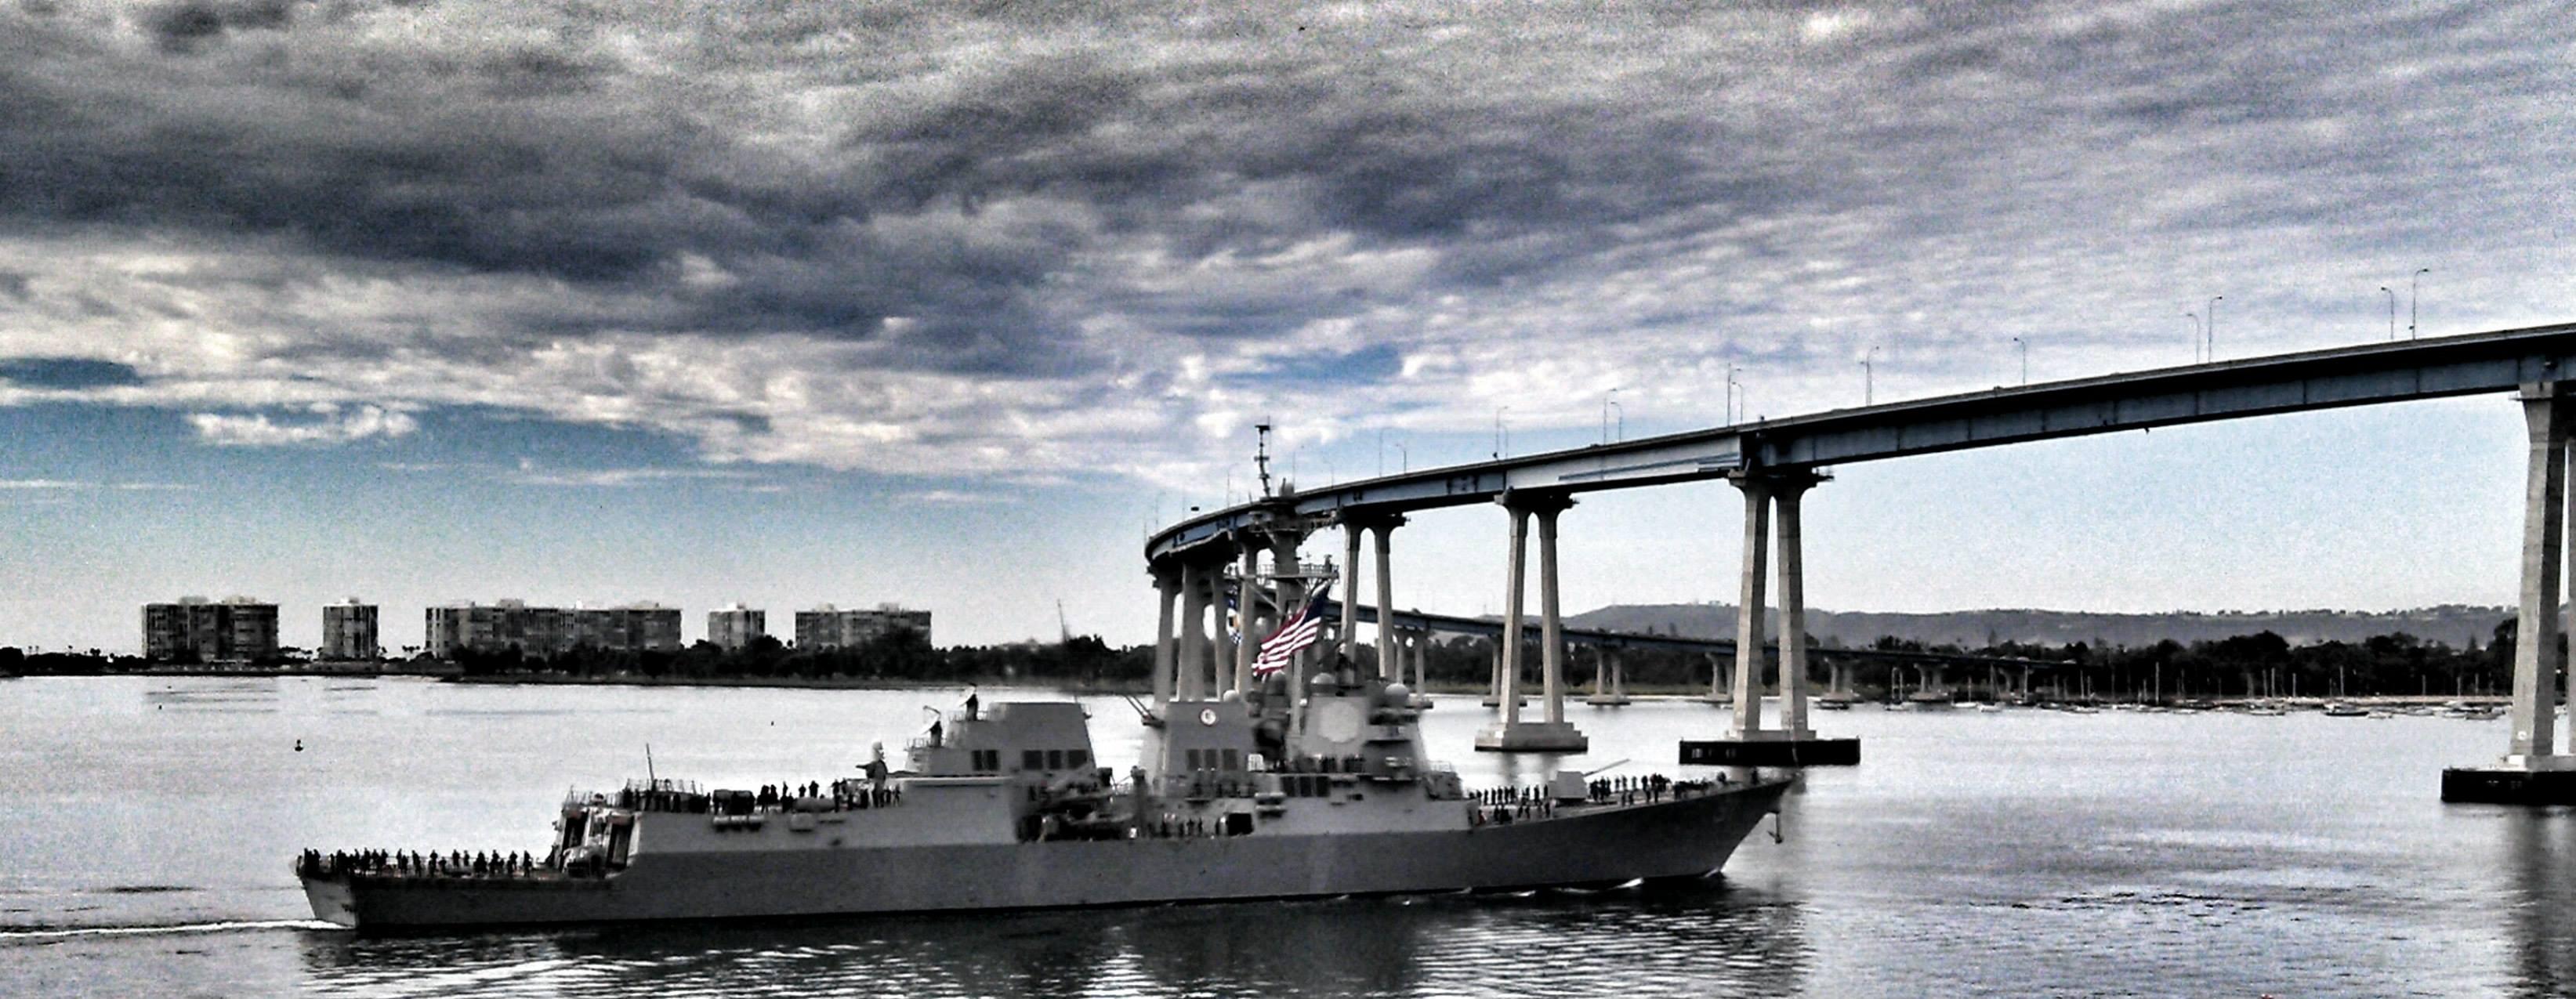 USS PINCKNEY DDG-91 Auslaufen San Diego 07.01.2014 Bild: USS PINCKNEY Facebook Page